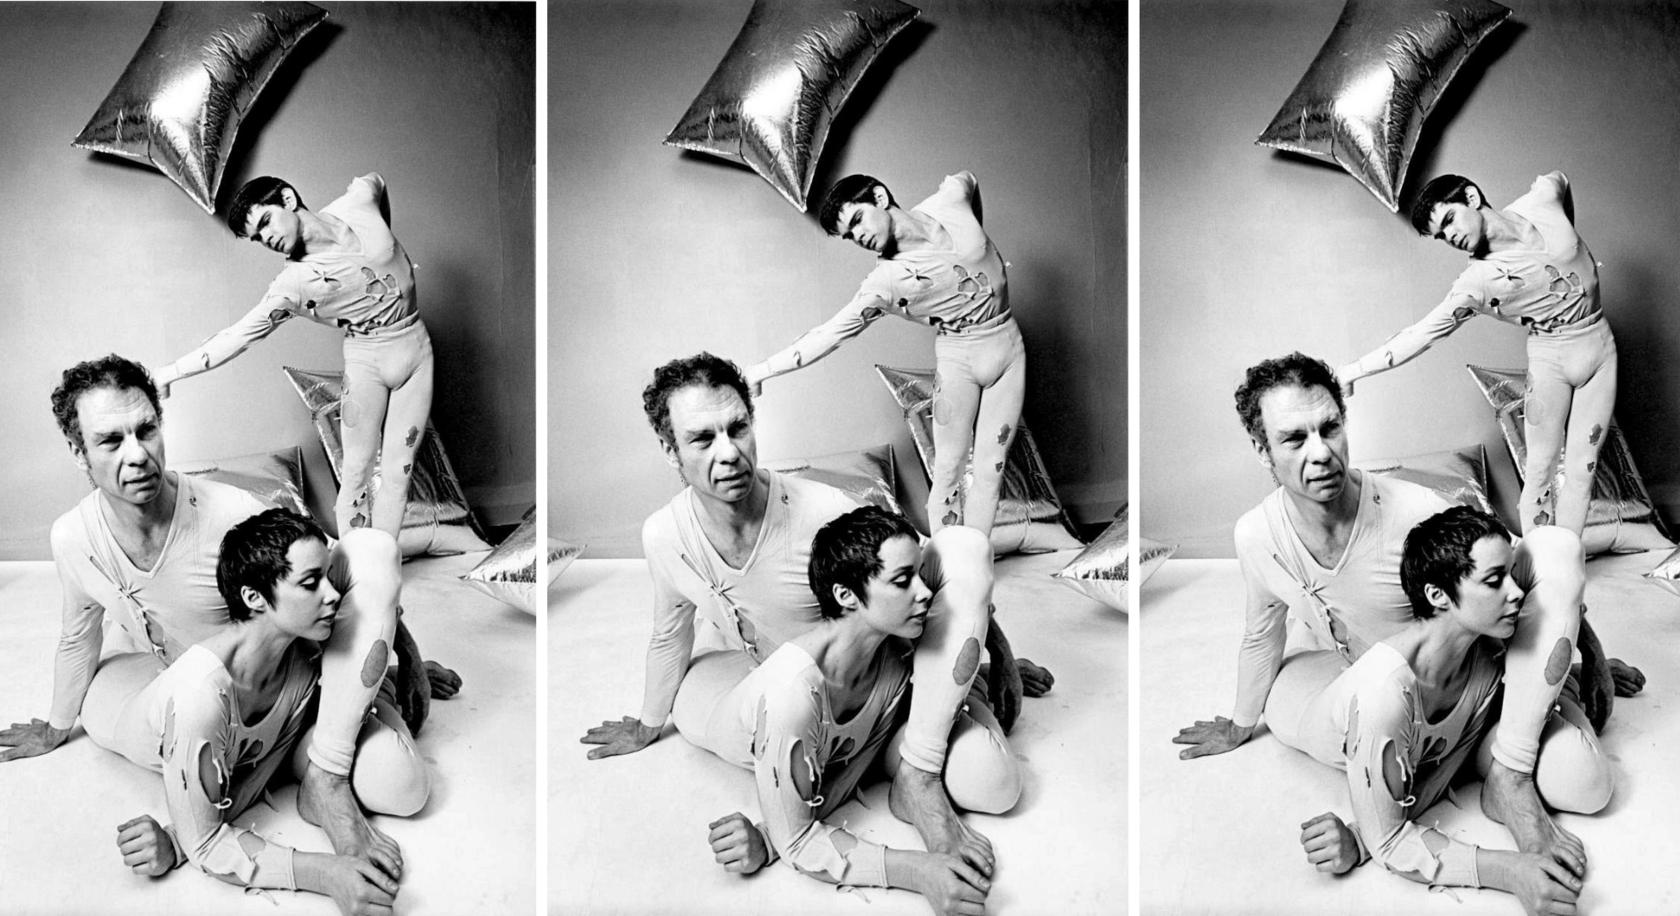 От модерна до не танца: знаковые современные постановки 20 века